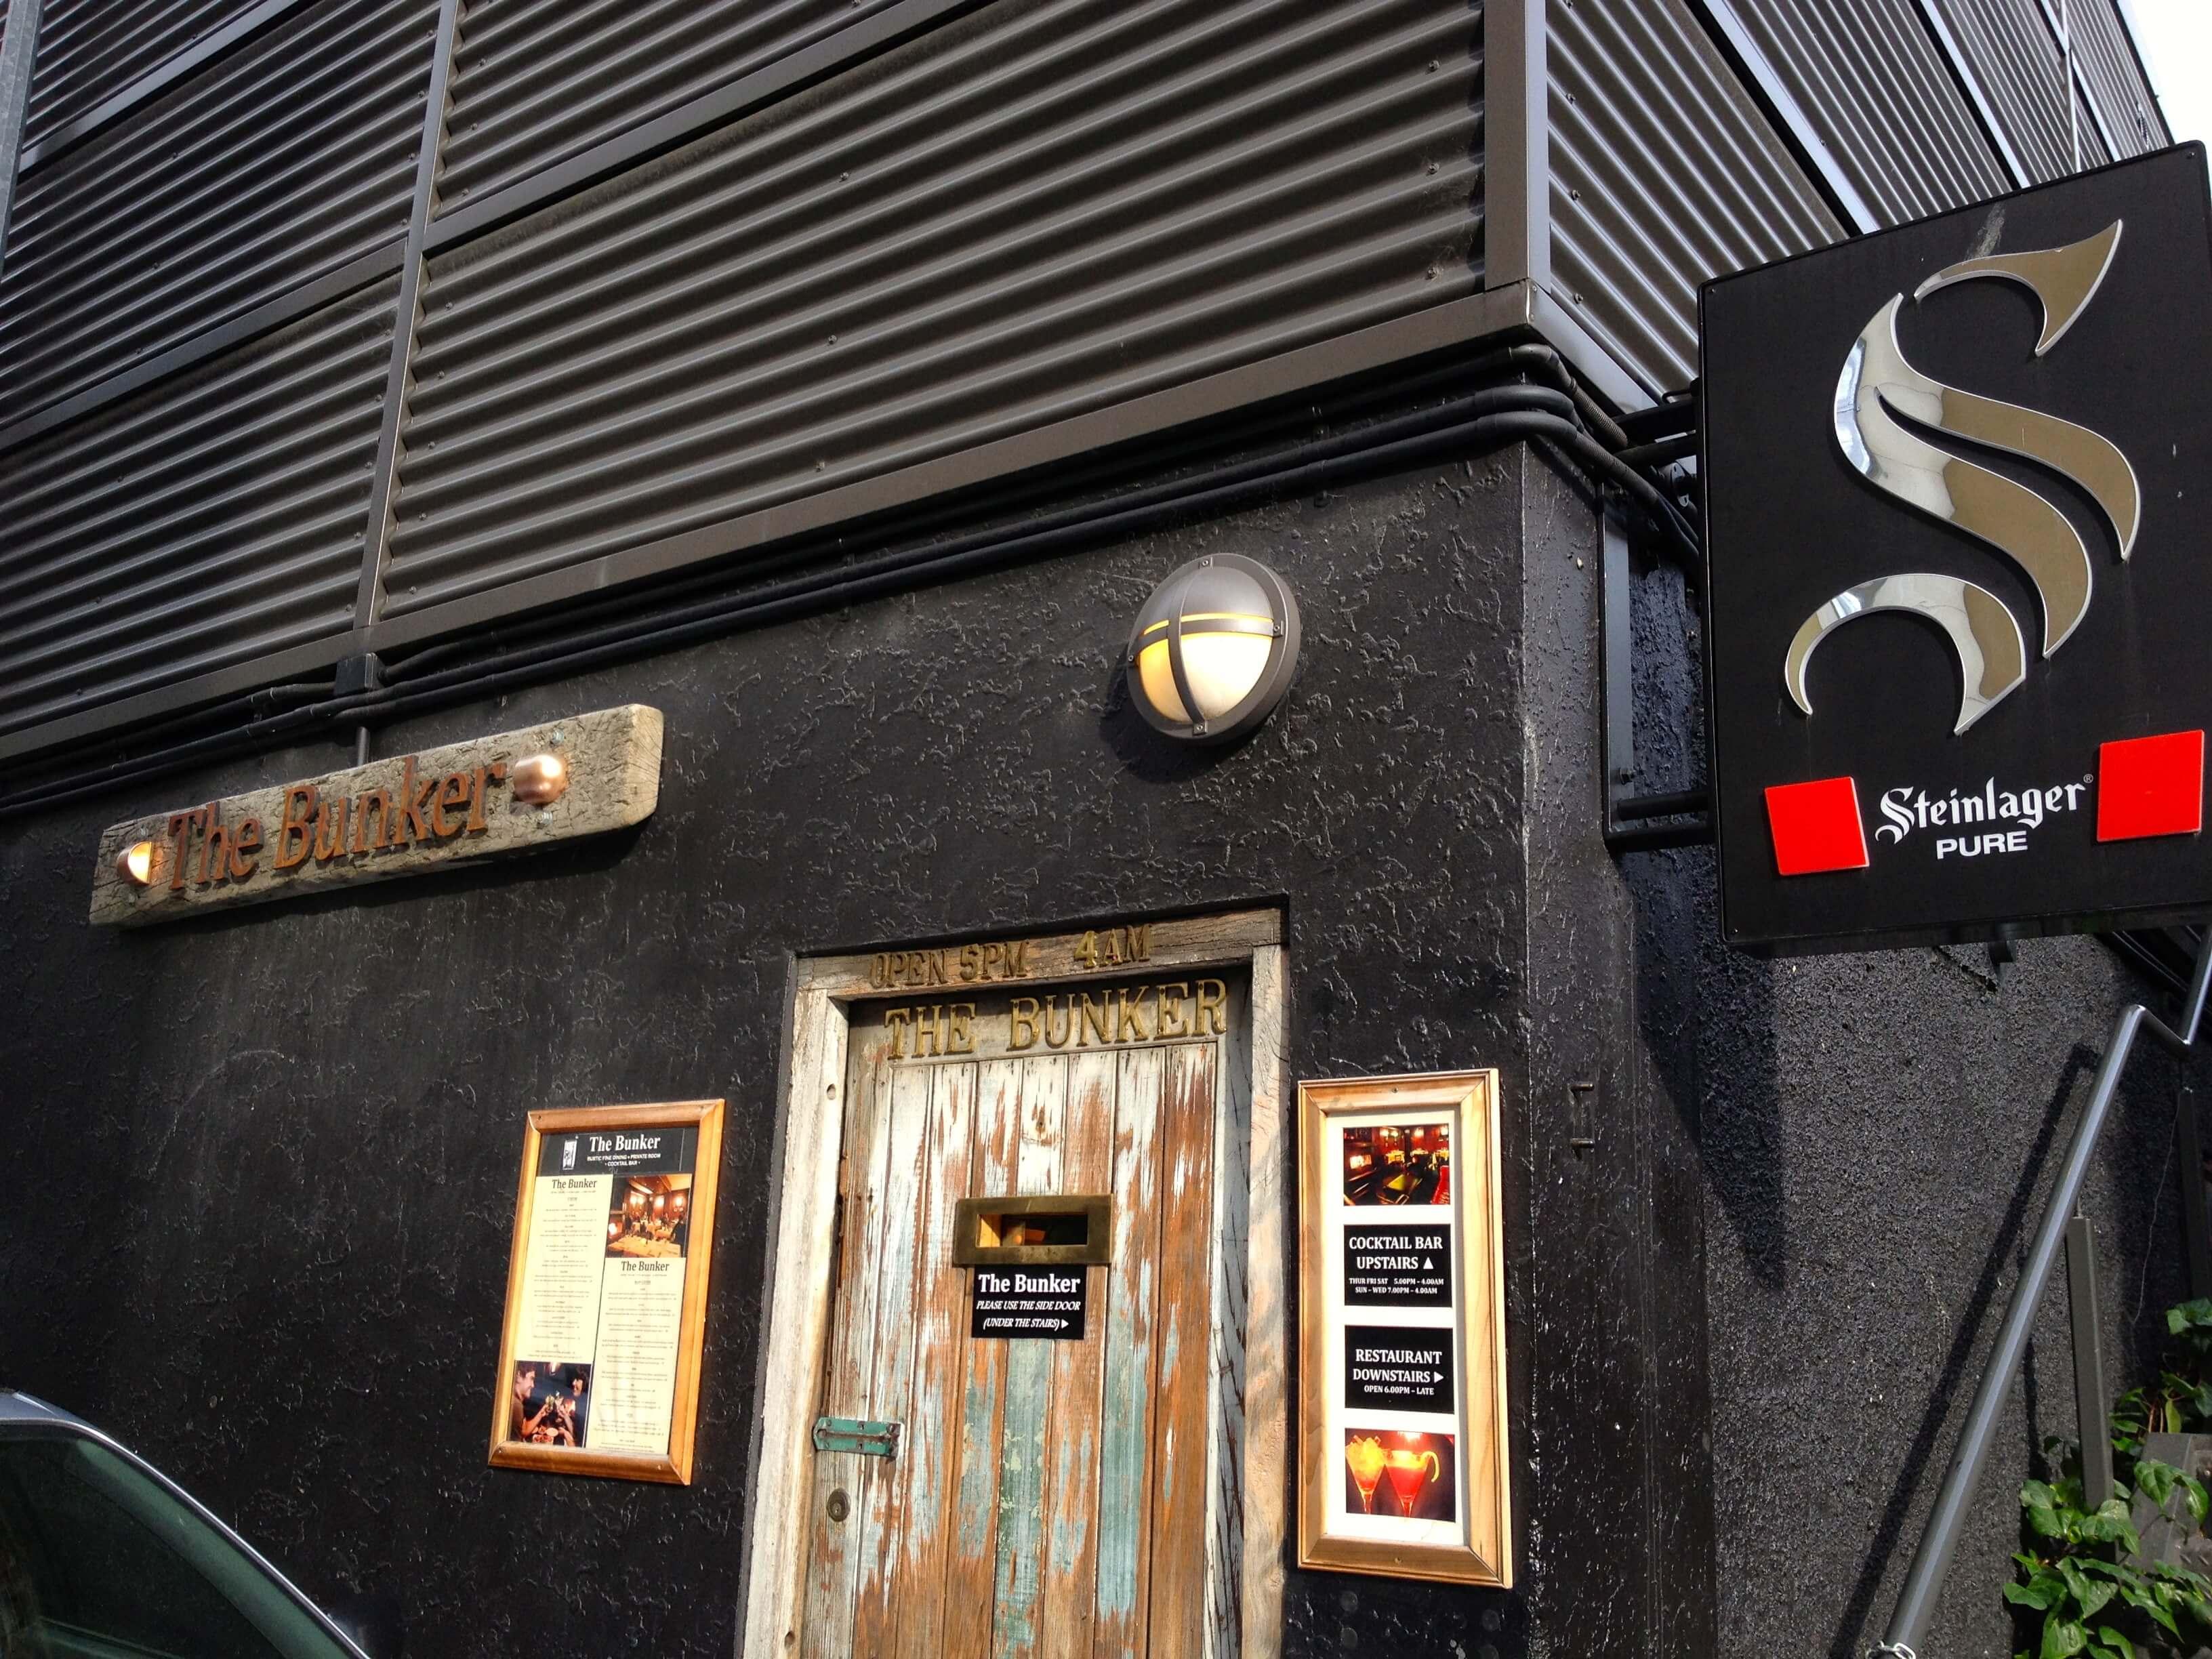 the bunker restaurant